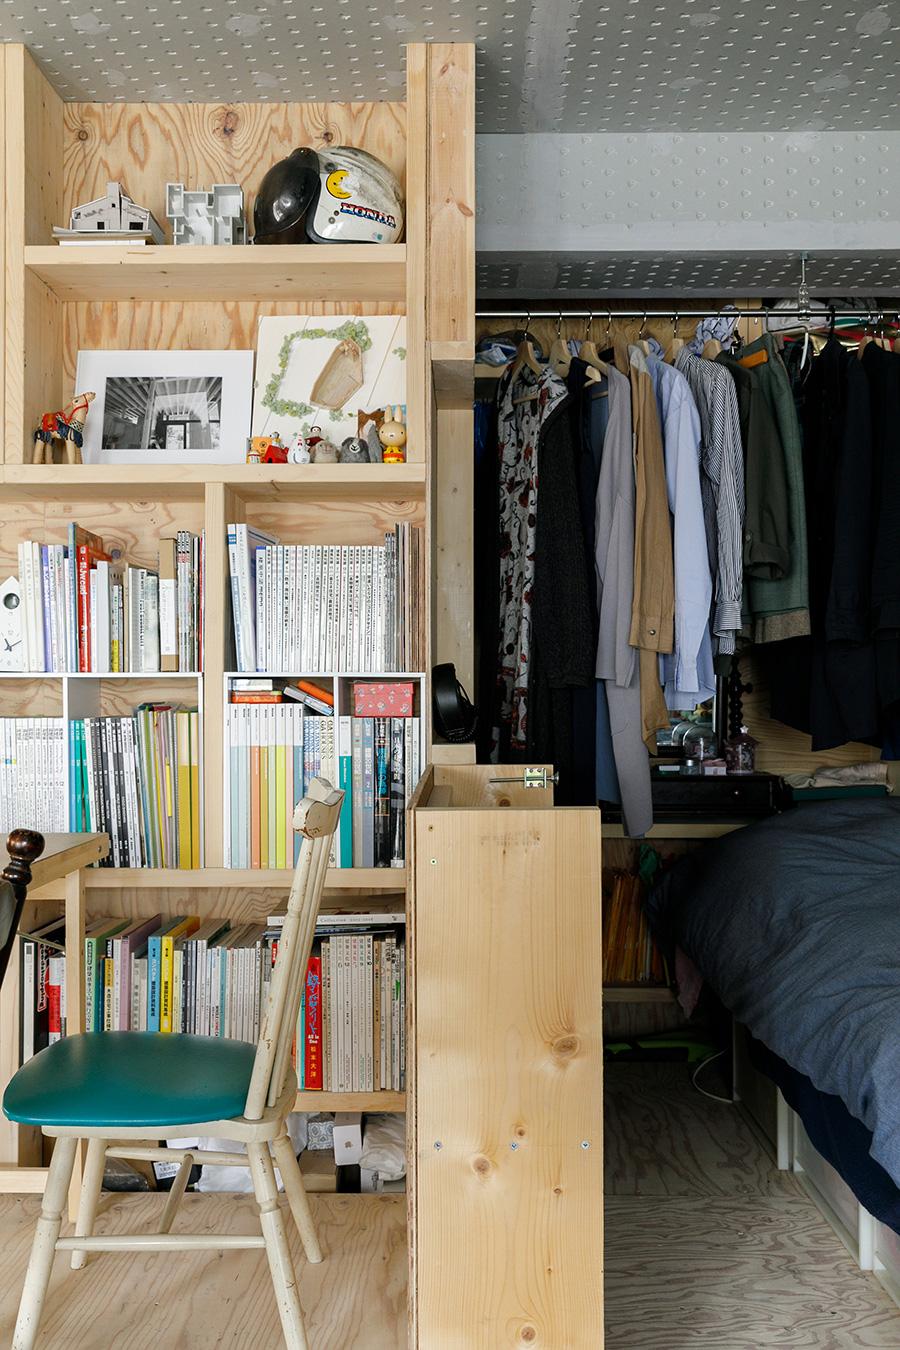 ダイニングスペースとベッドスペースを区切るのは、工事前につくった試作品の木製ユニット。